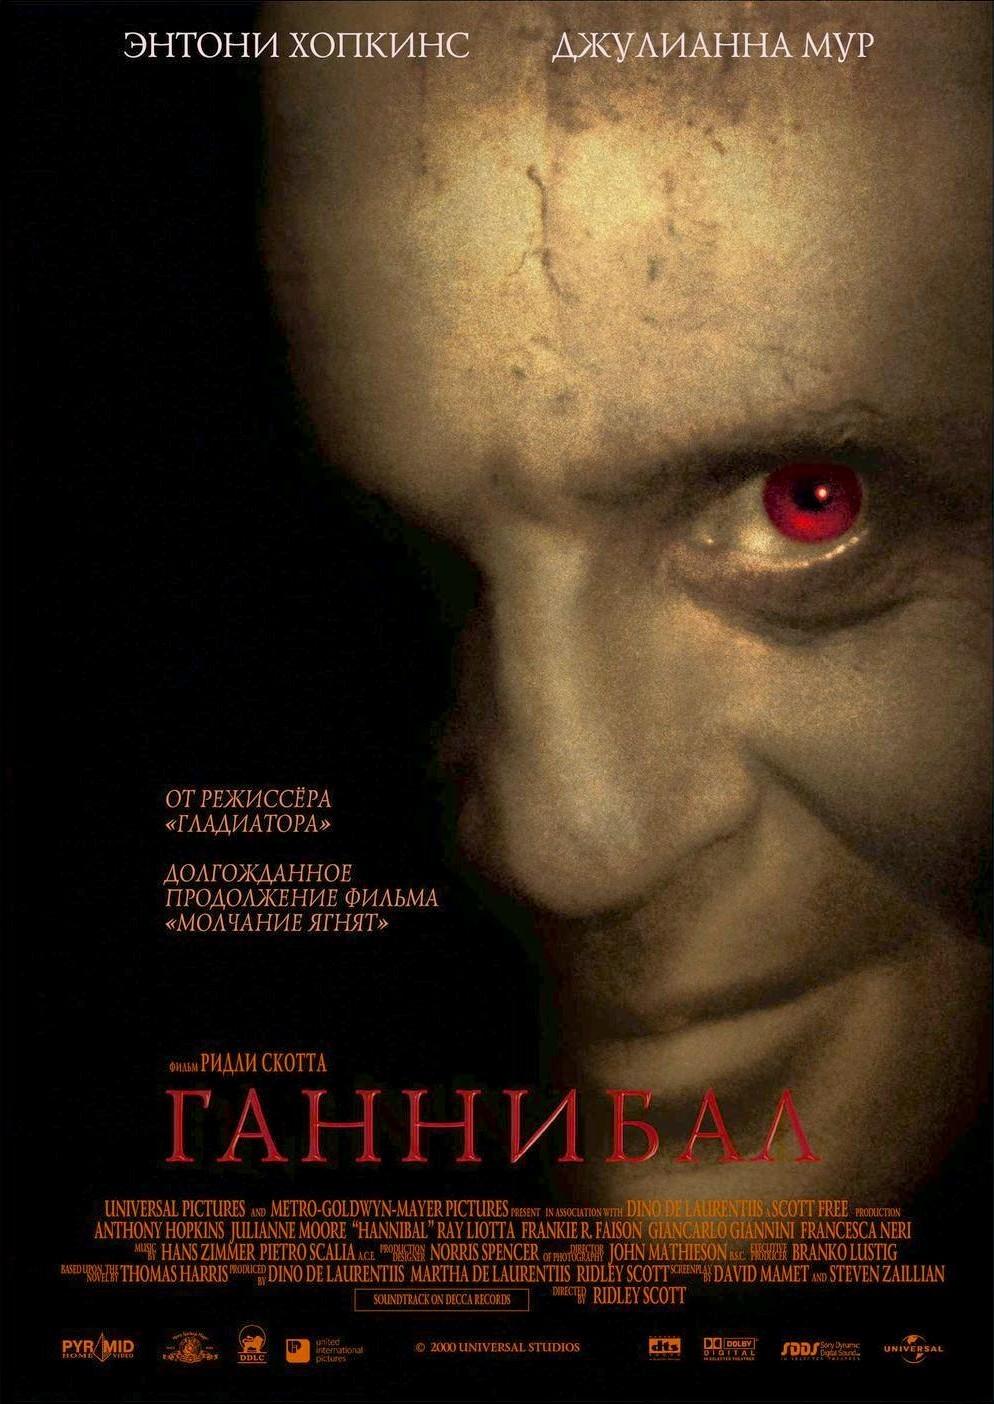 Ганнибал (2001) (Hannibal)